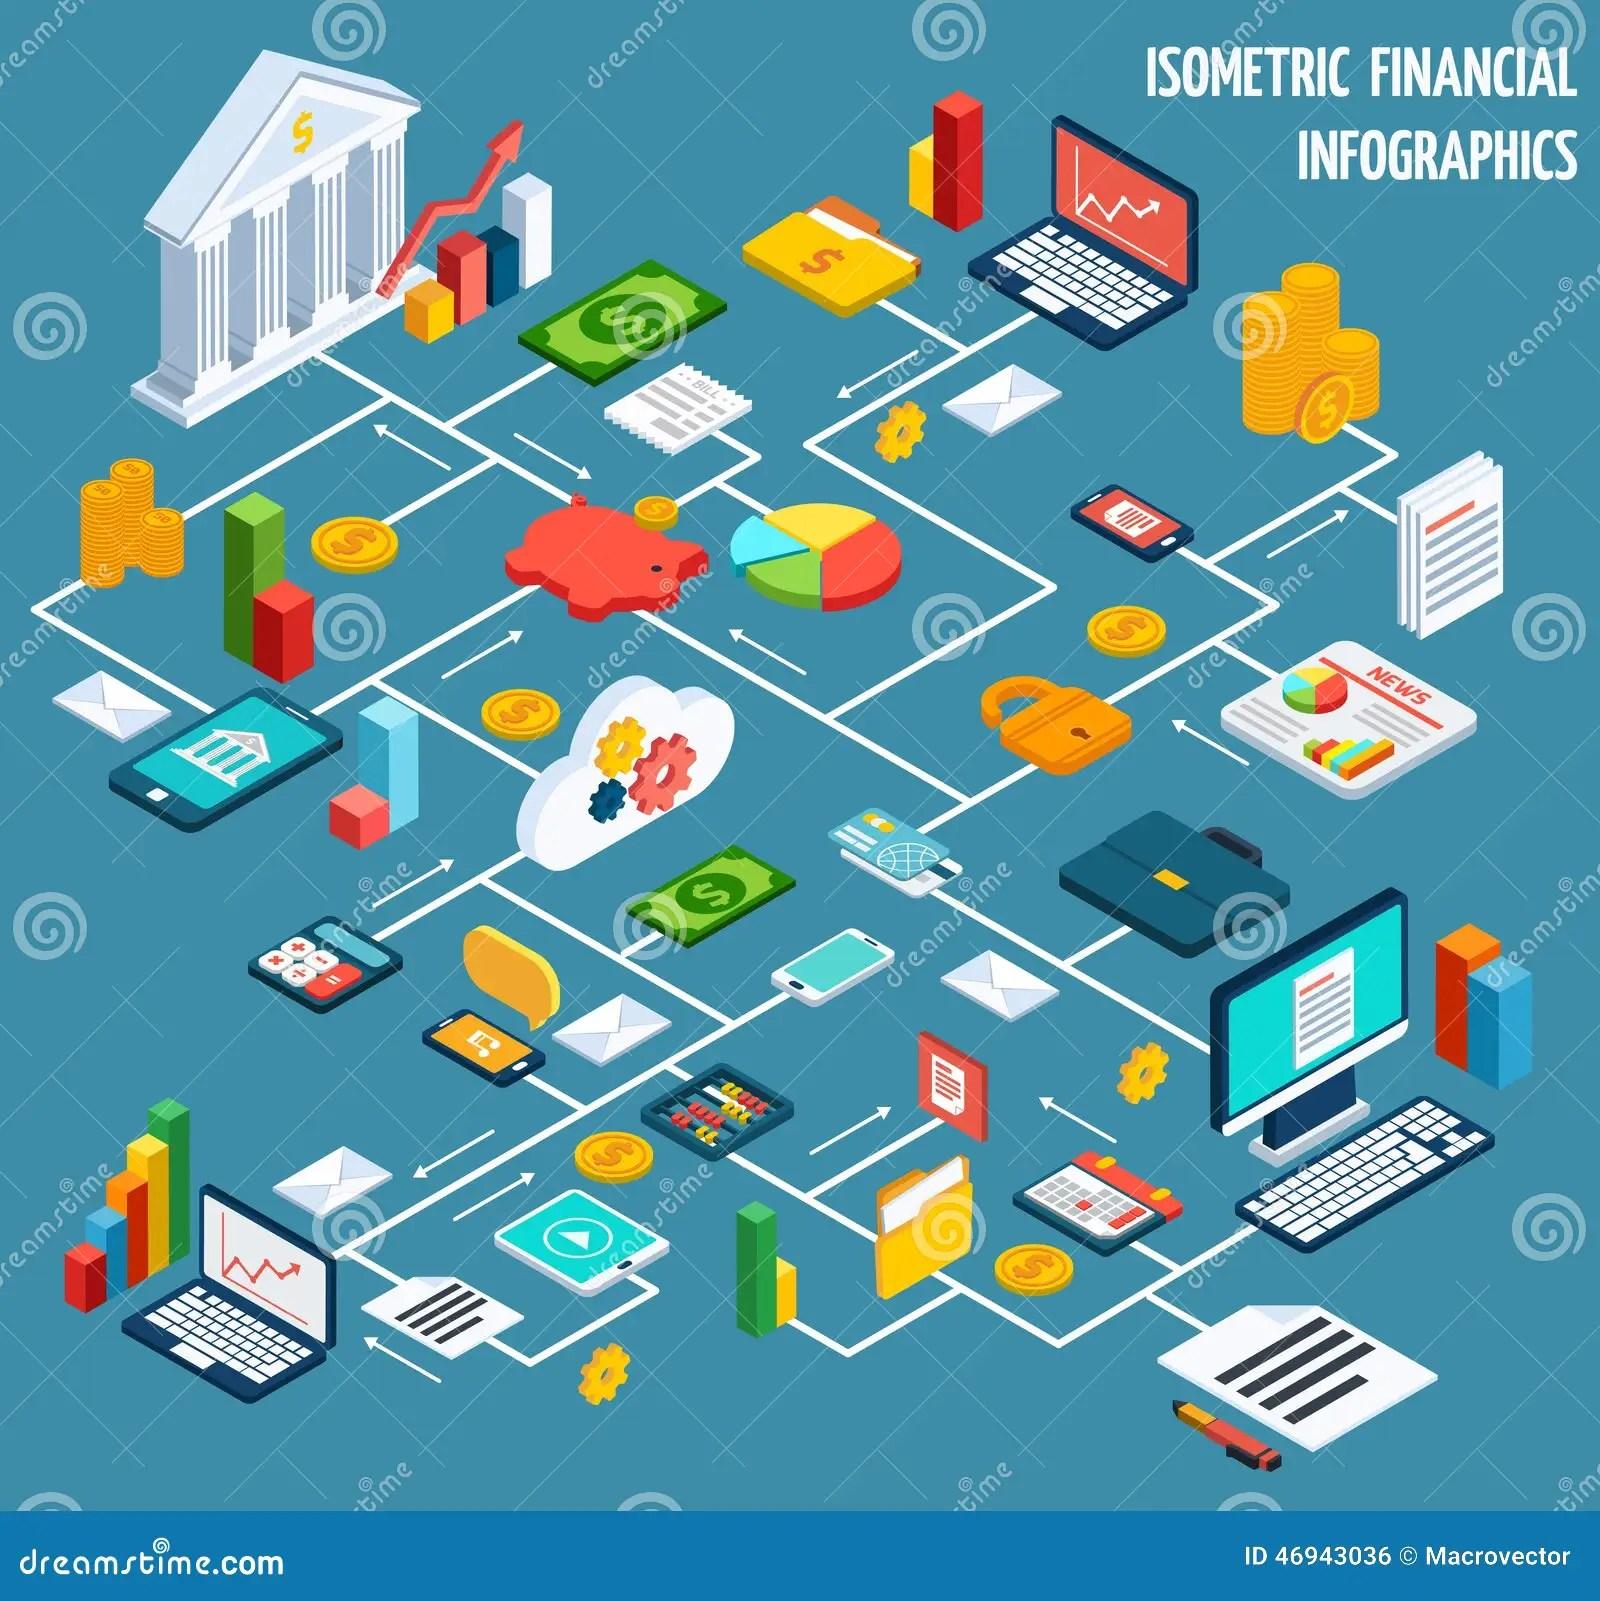 Security Bank Cash Card